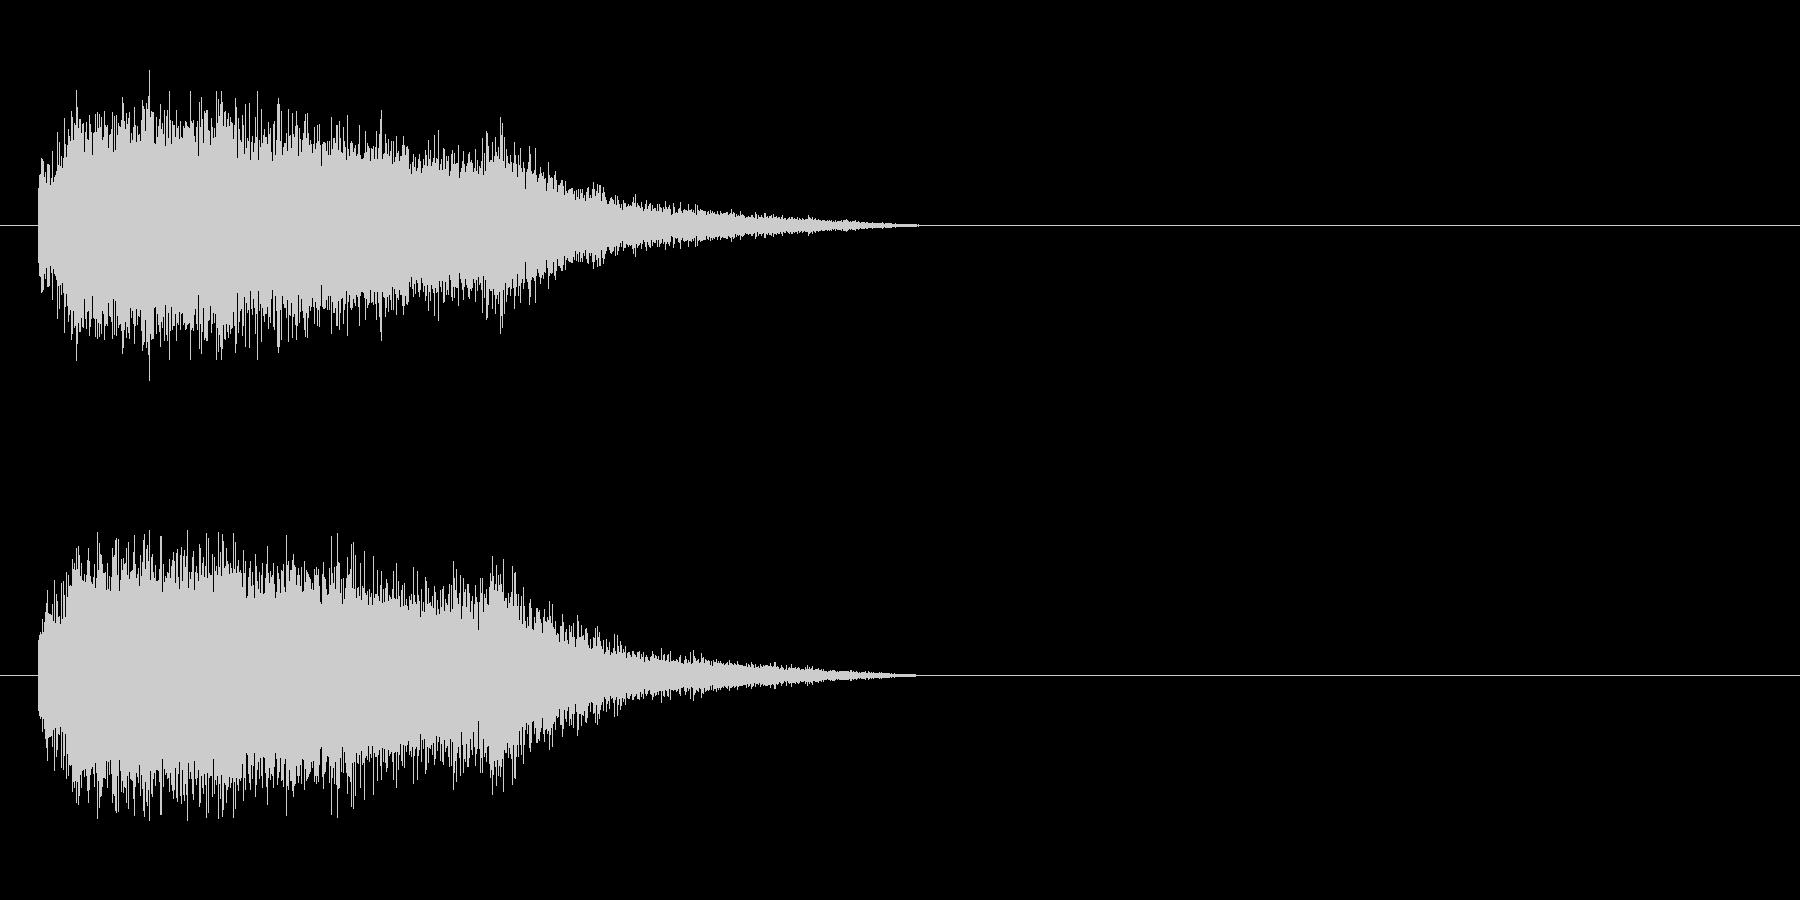 蒸気機関の音の未再生の波形